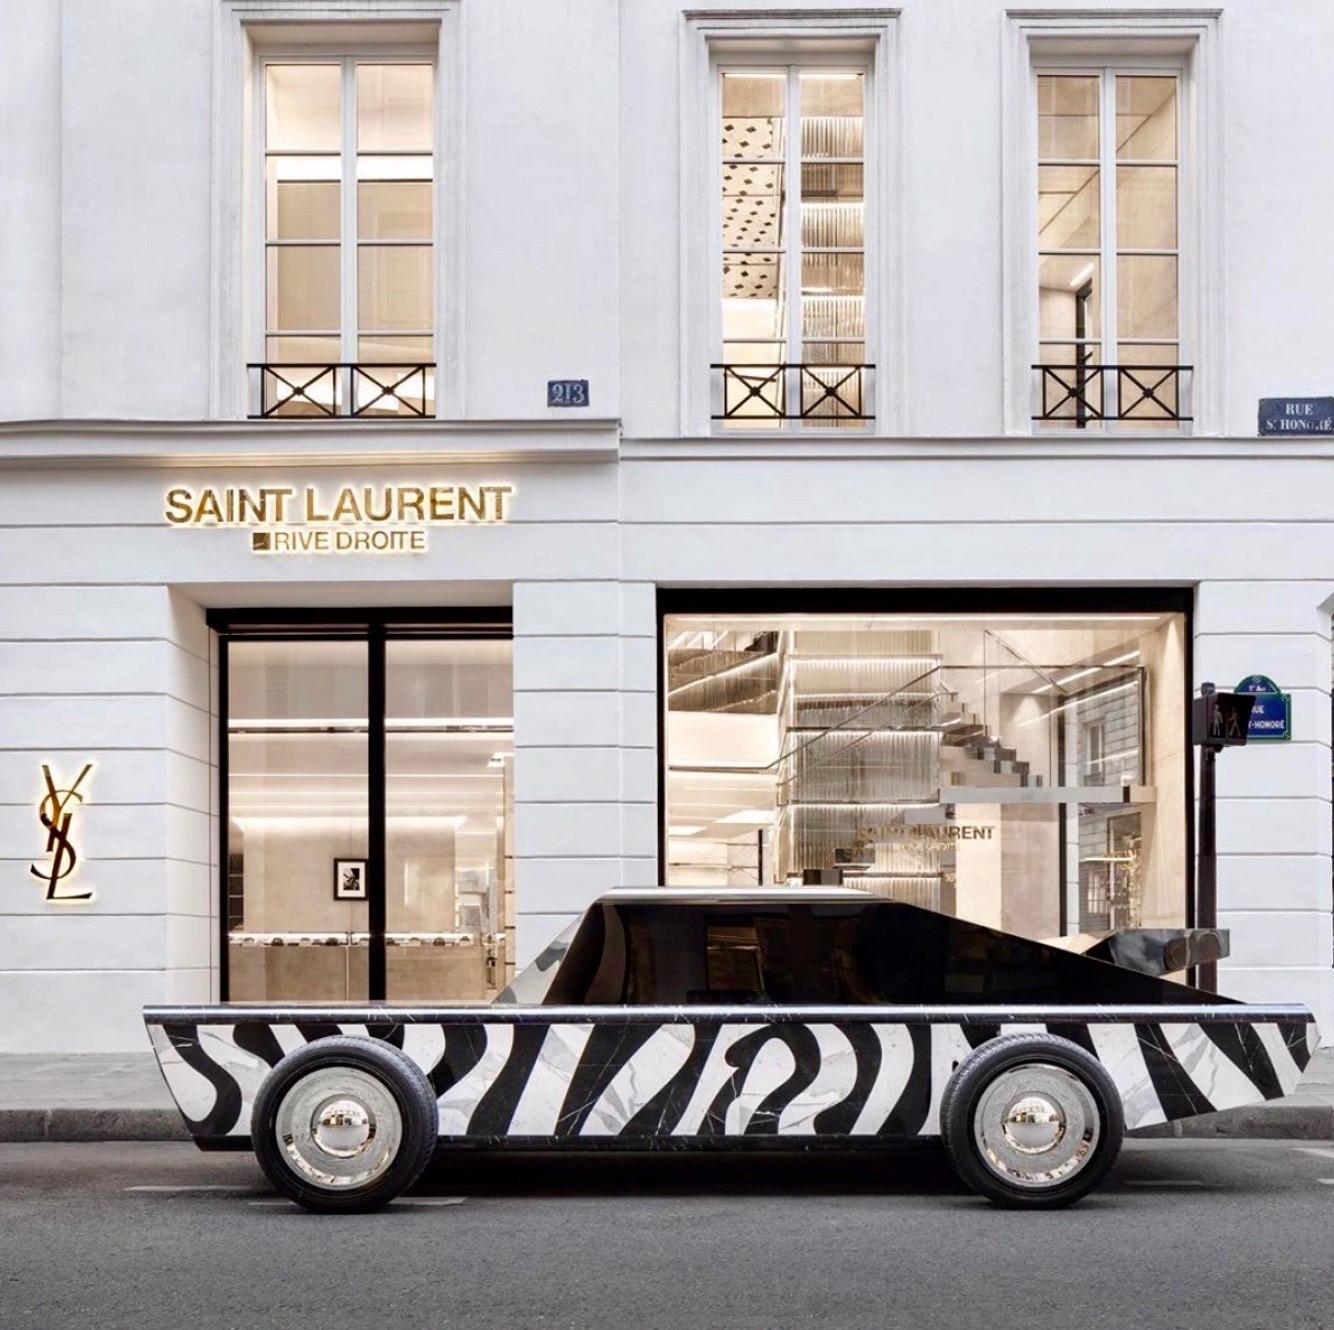 """Saint Laurent Rive Droite, en el mismo local donde estaba Colette, es el nuevo """"concept store"""" ideado por Anthony Vaccarello como un """"destino creativo y cultural"""" en París. Todo al estilo Saint Laurent. 213 Rue Saint Honoré, París. (Suministrada)"""